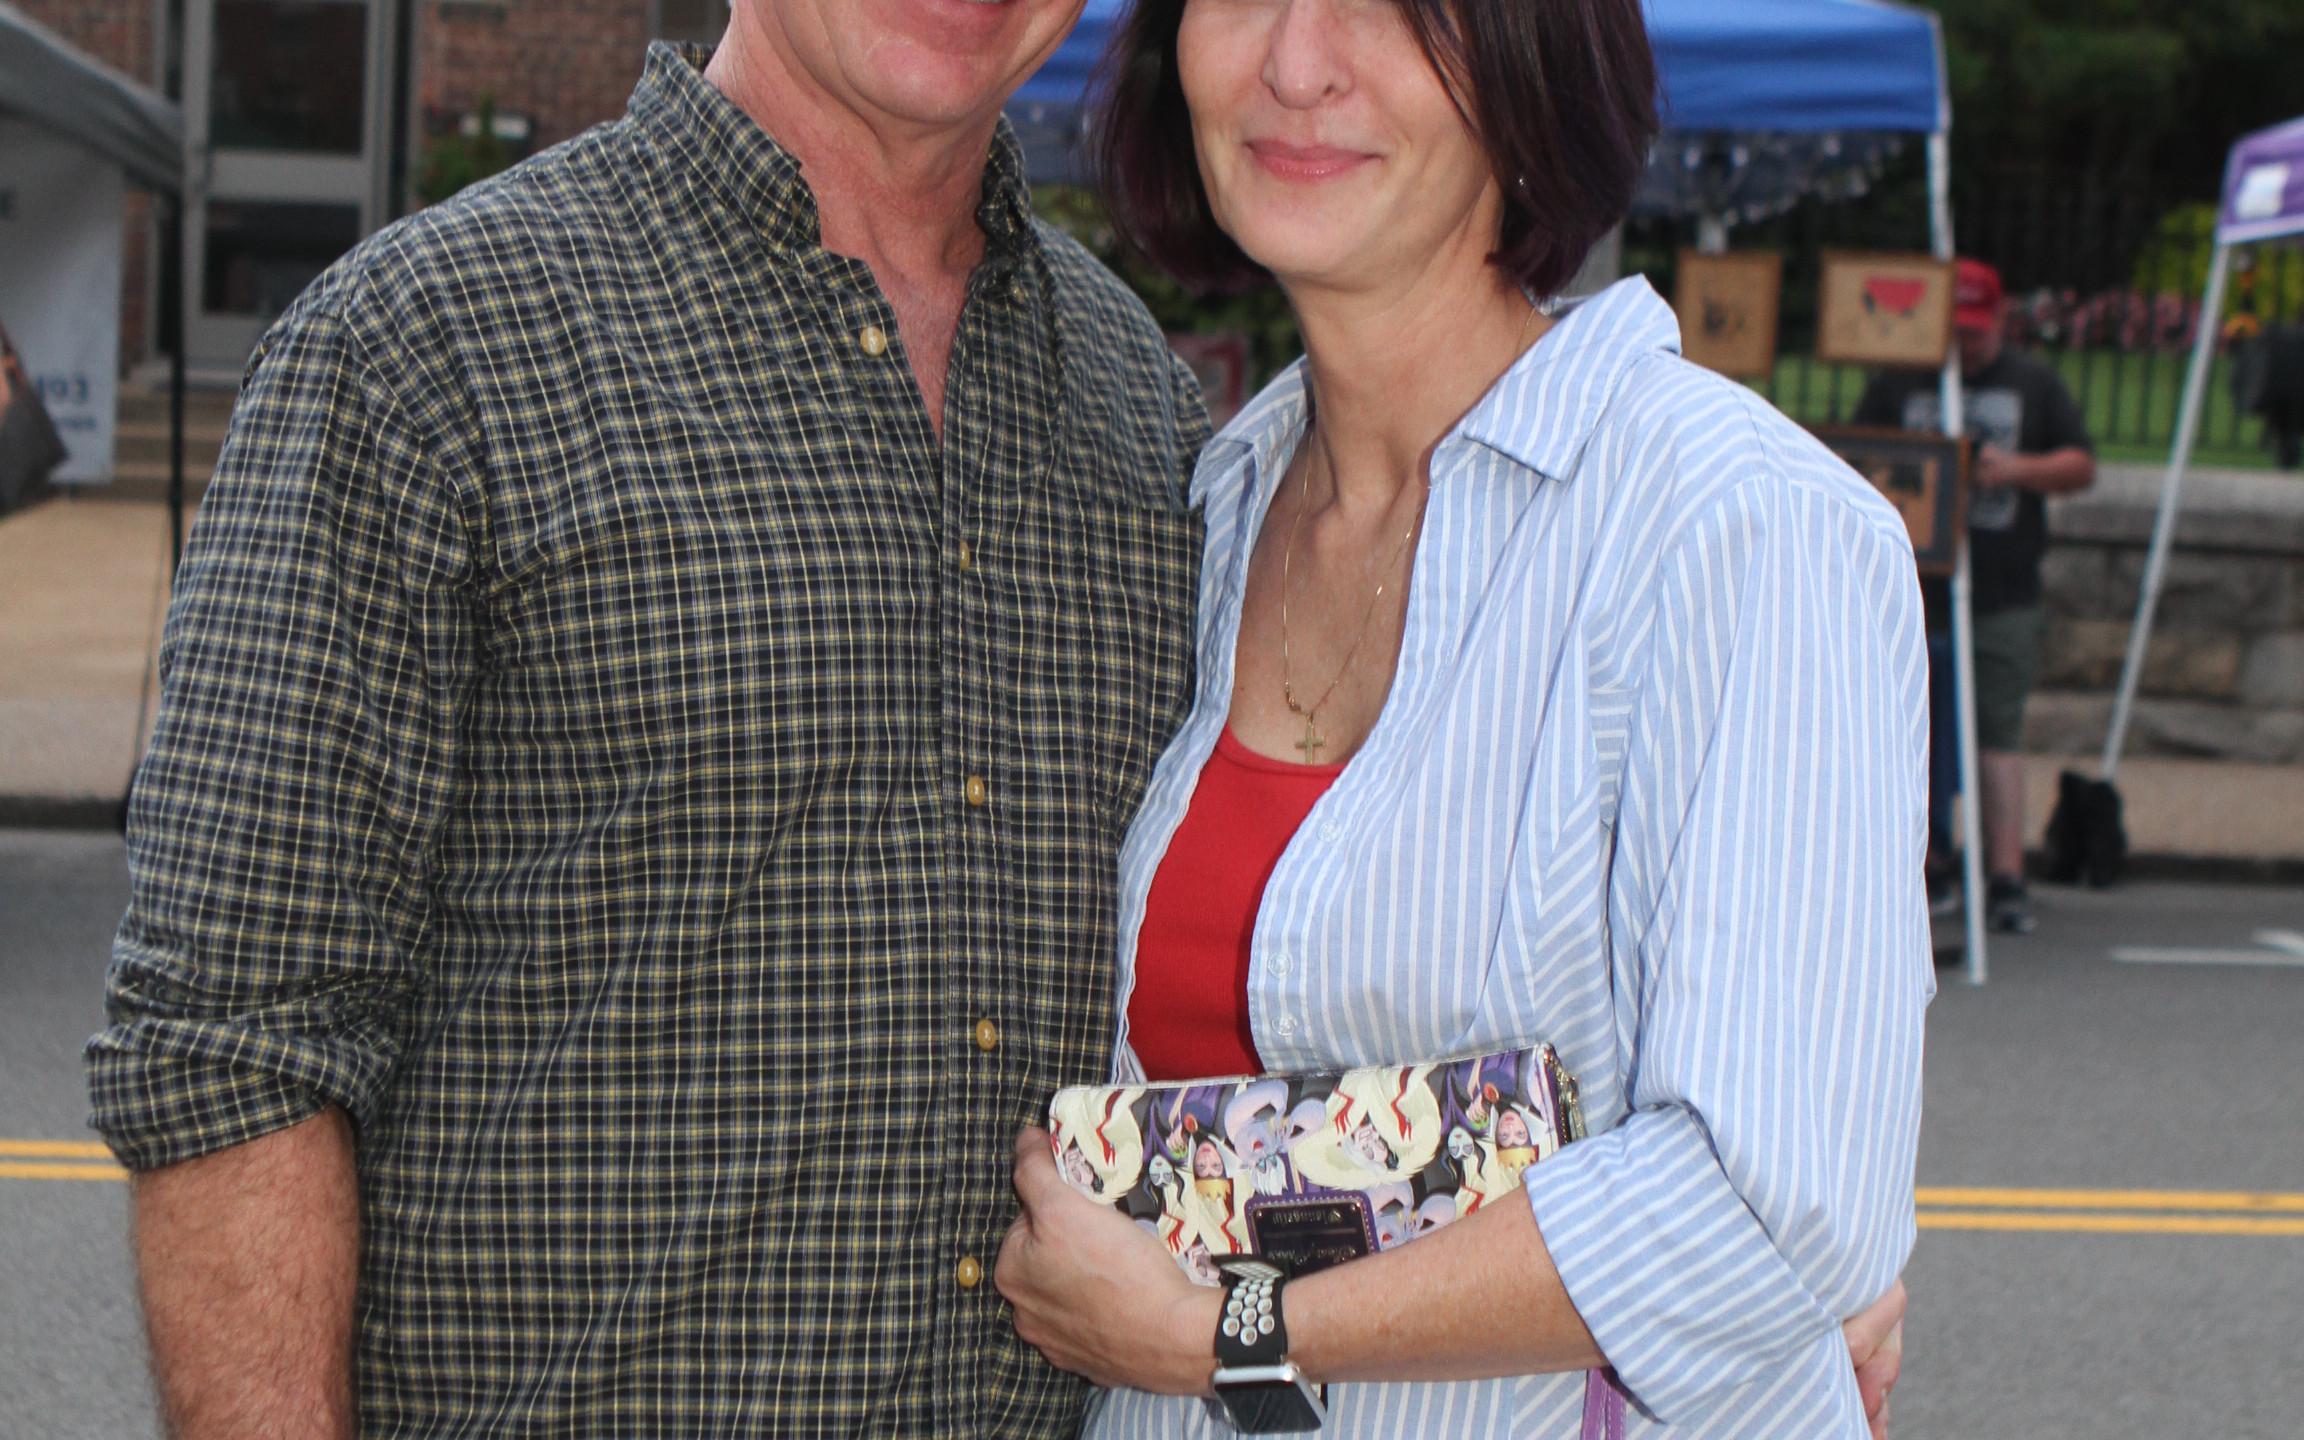 Dennis Stanford, Michelle Stanger